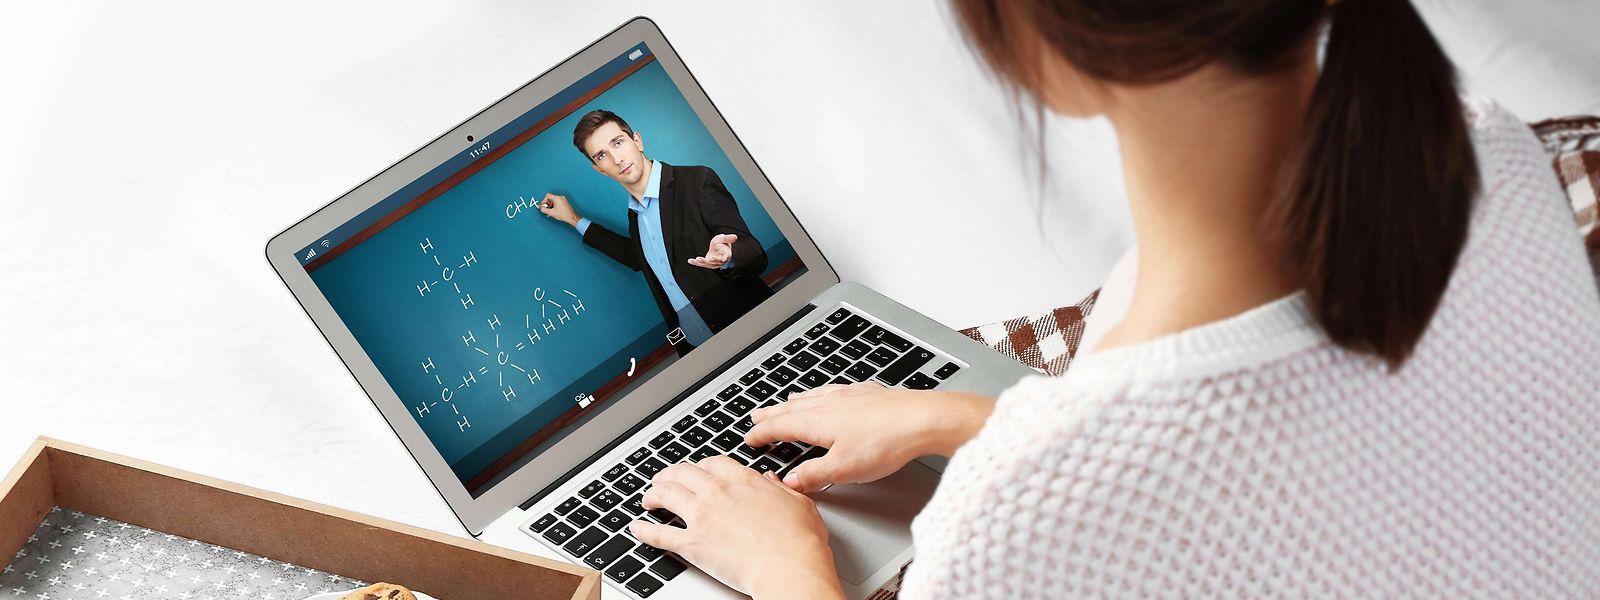 Laborieux au début, l'e-learning s'est considérablement amélioré au cours des trois derniers mois.